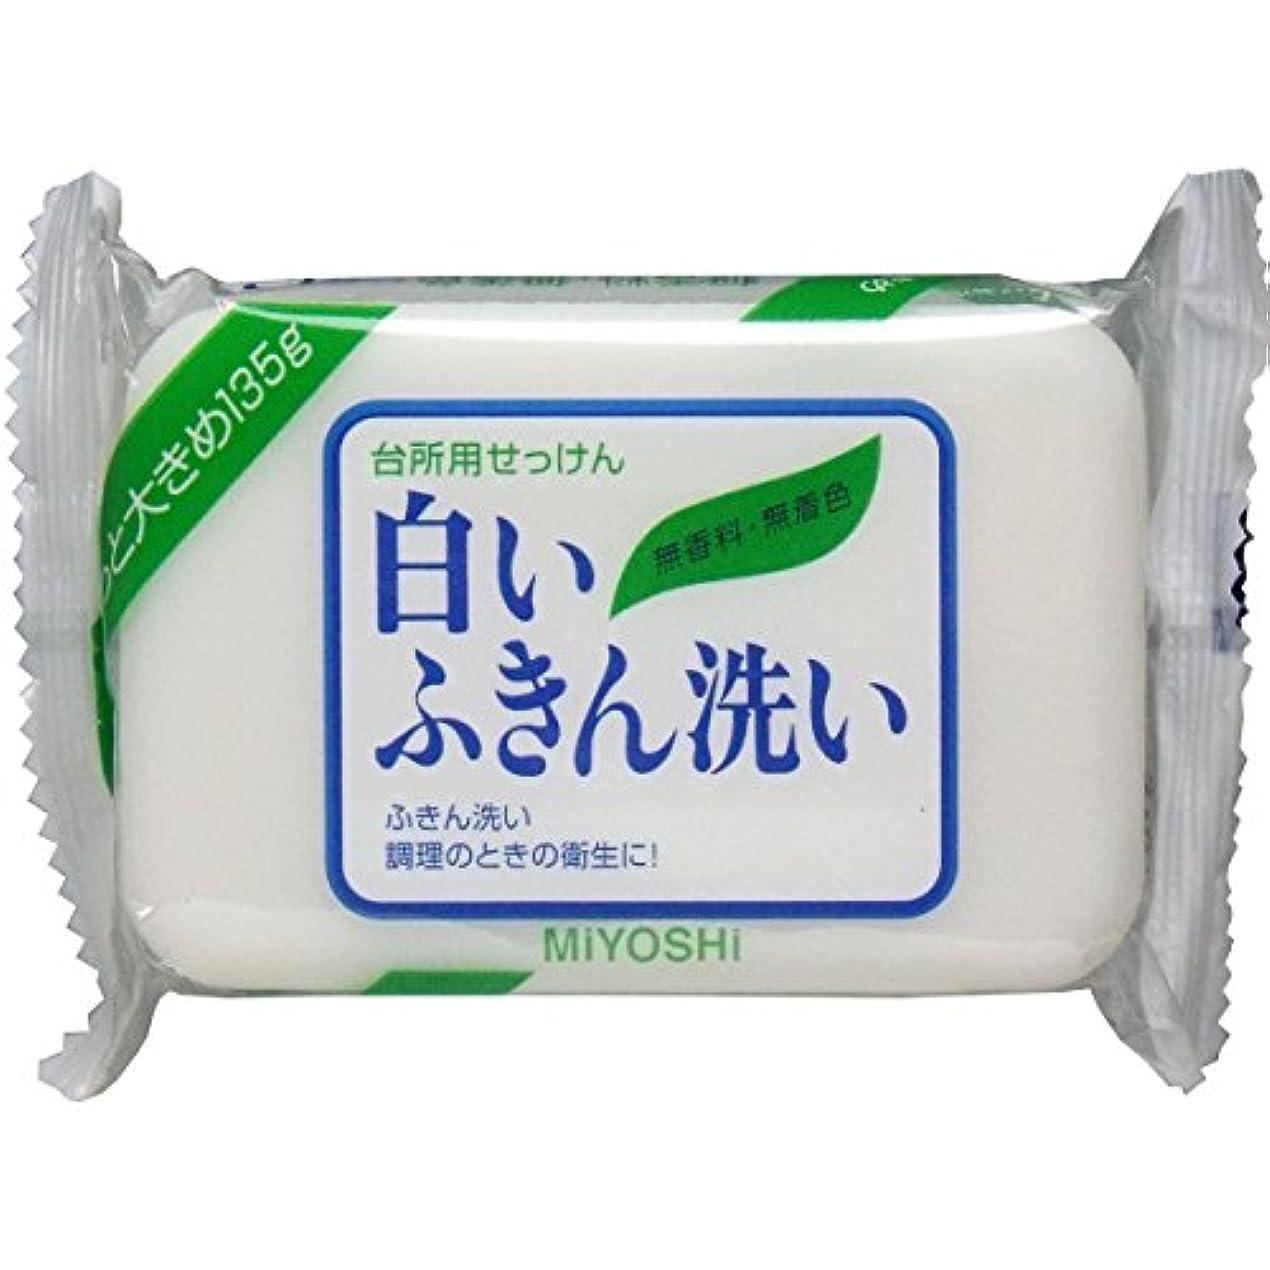 圧倒的名声リーチミヨシ石鹸 白いふきん洗い